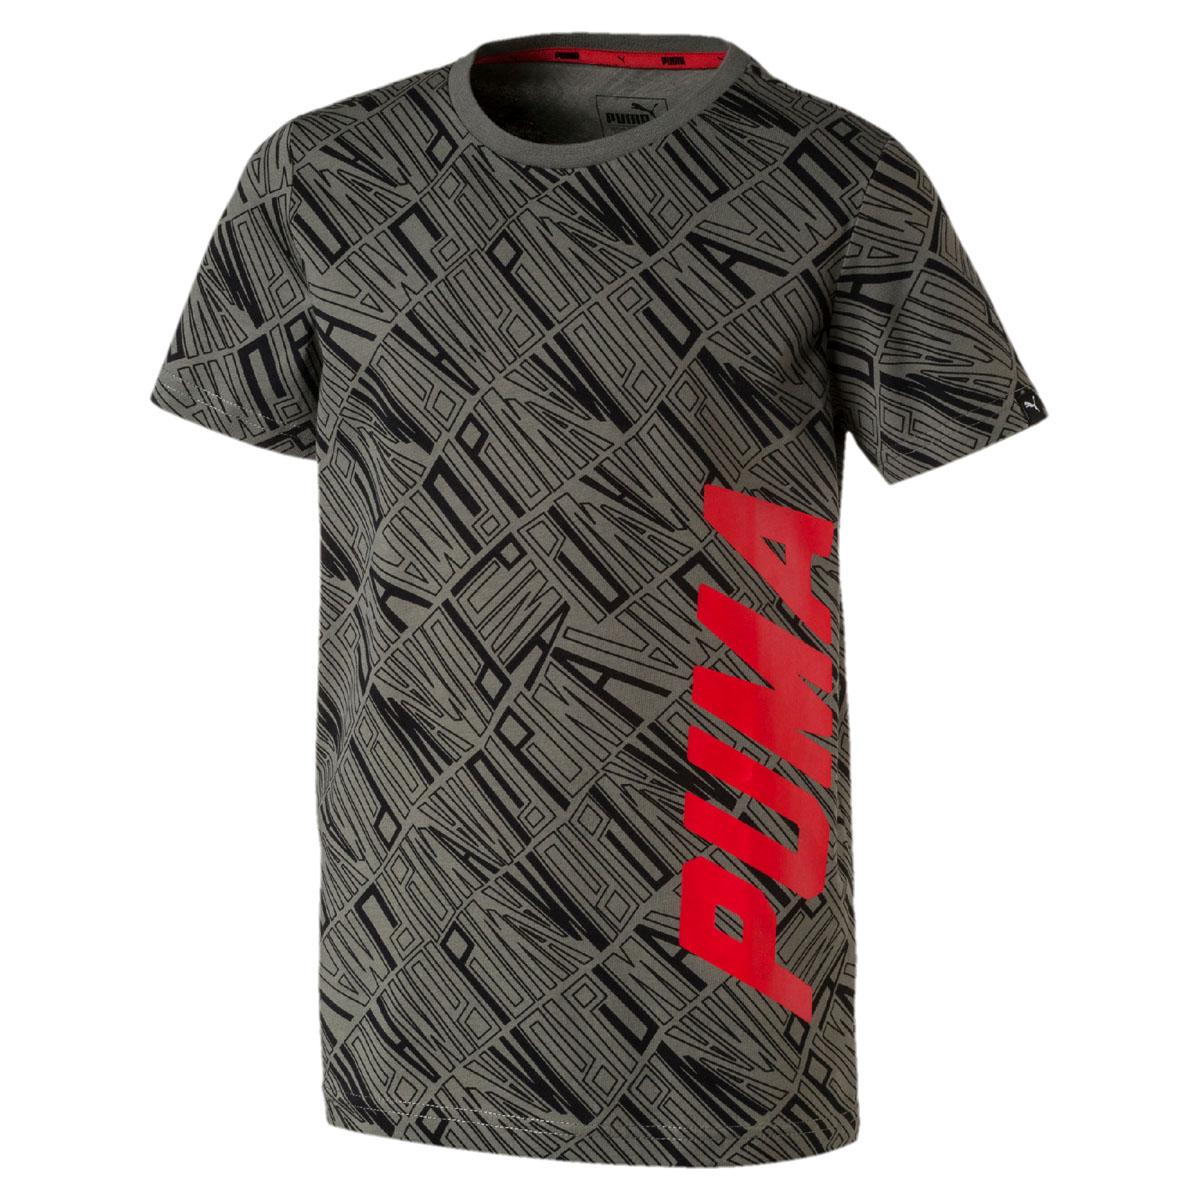 Футболка для мальчика Puma Style Graphic Tee AOP, цвет: серый. 850634397. Размер 152 two tone graphic printed tee